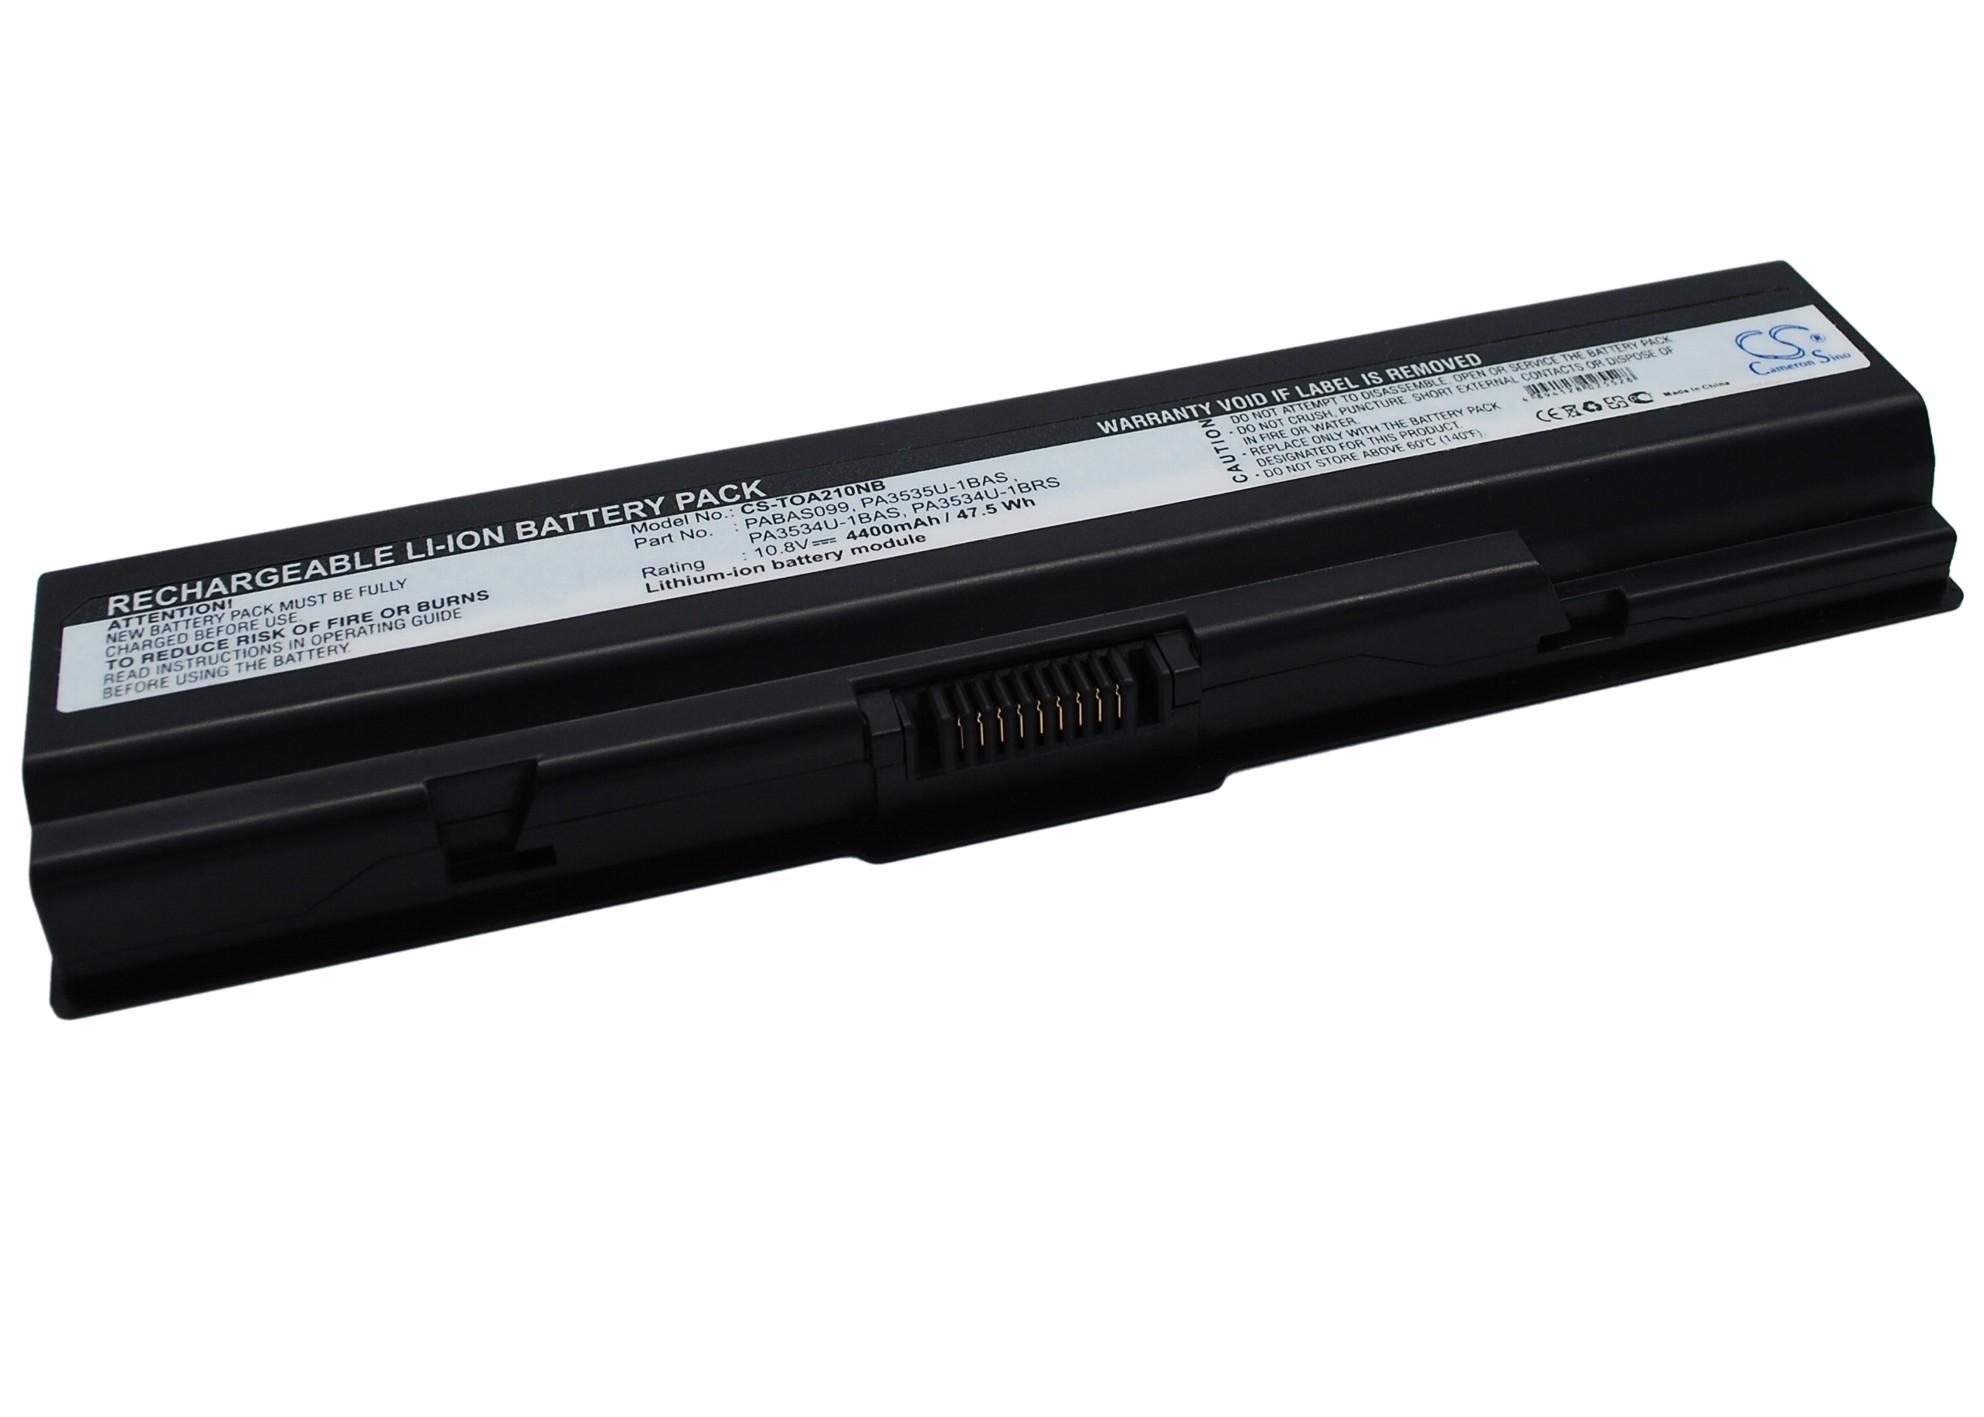 Cameron Sino baterie do notebooků pro TOSHIBA Satellite L505-ES5011 10.8V Li-ion 4400mAh černá - neoriginální